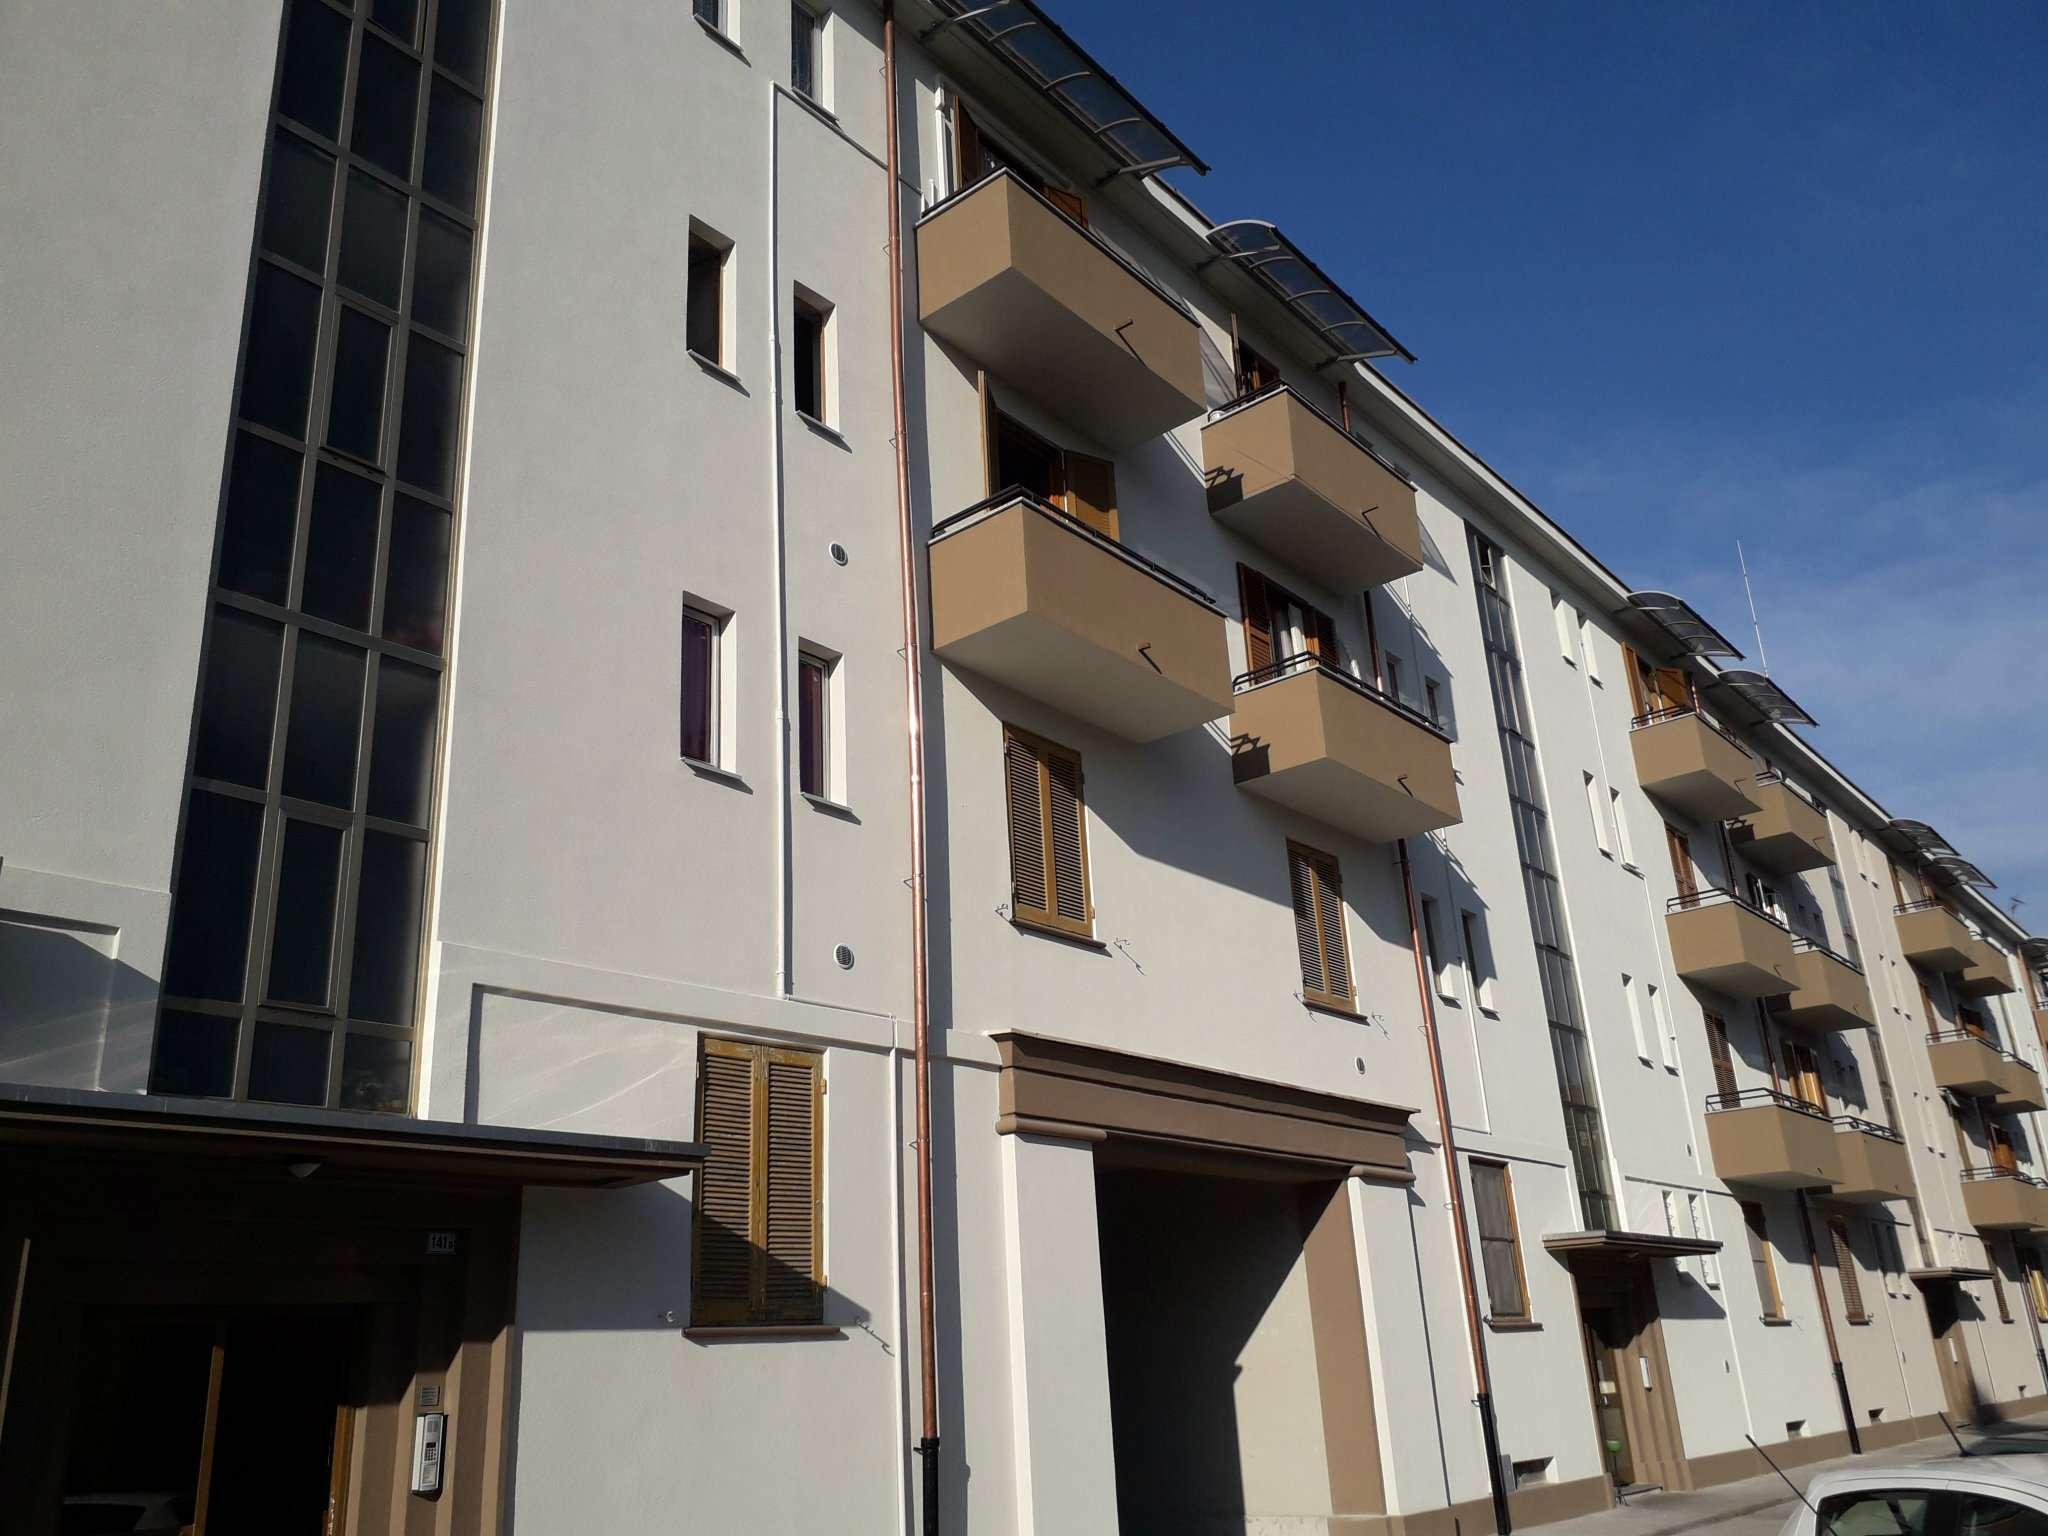 Appartamento in vendita a Rozzano, 3 locali, prezzo € 120.000 | CambioCasa.it